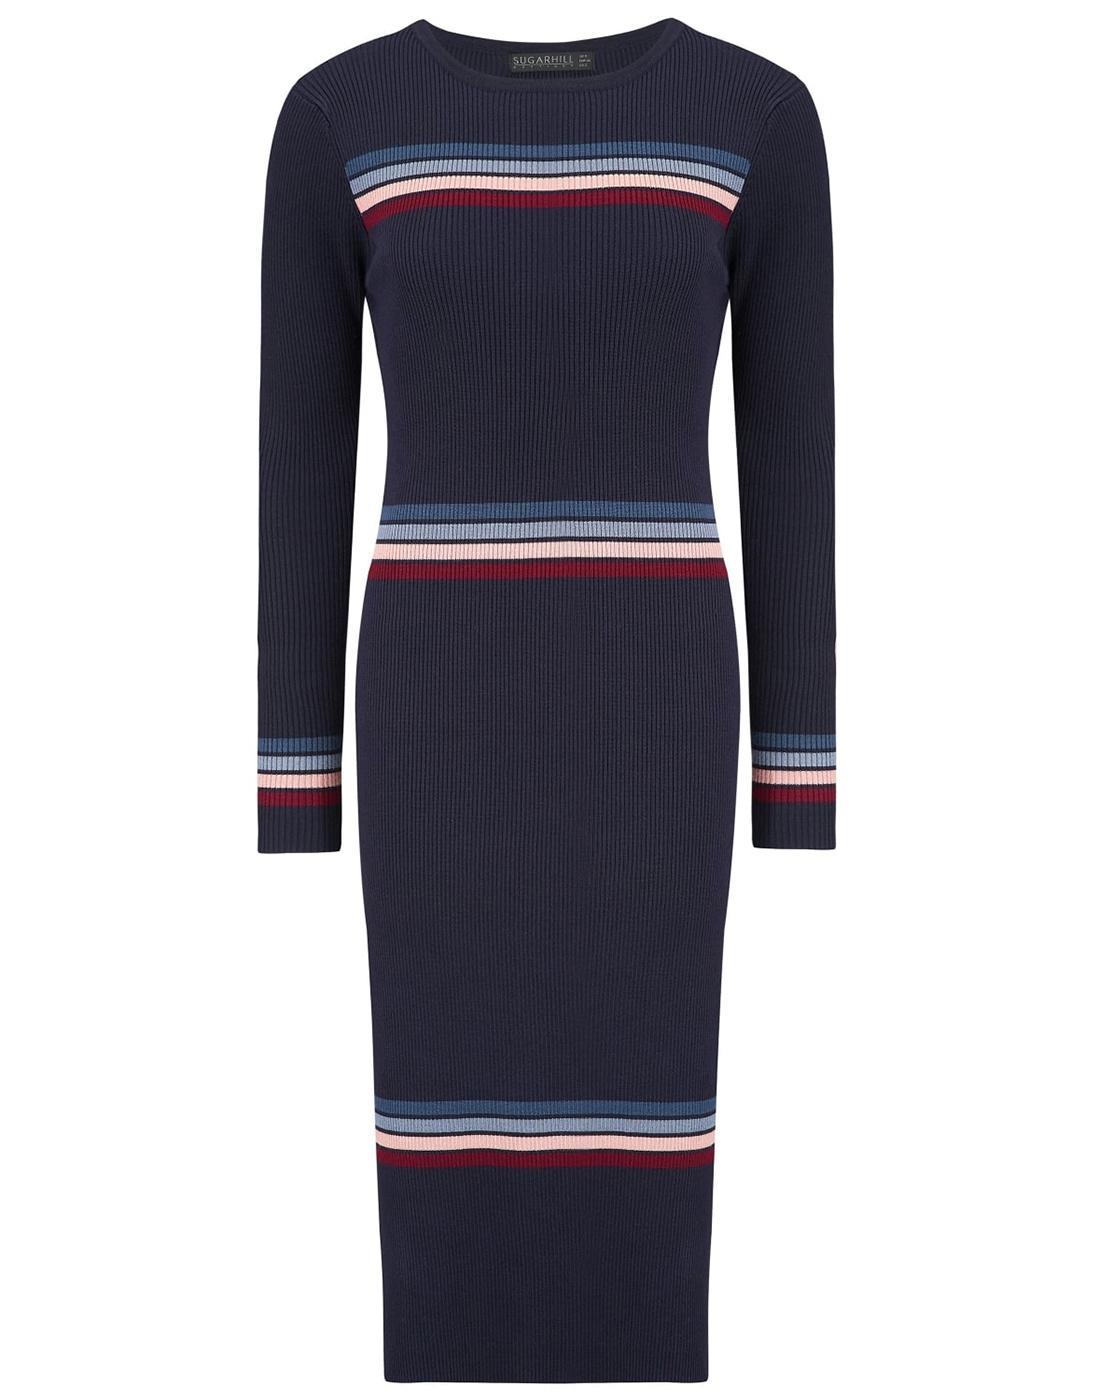 SUGARHILL BOUTIQUE Retro 70s Striped Knitted Dress